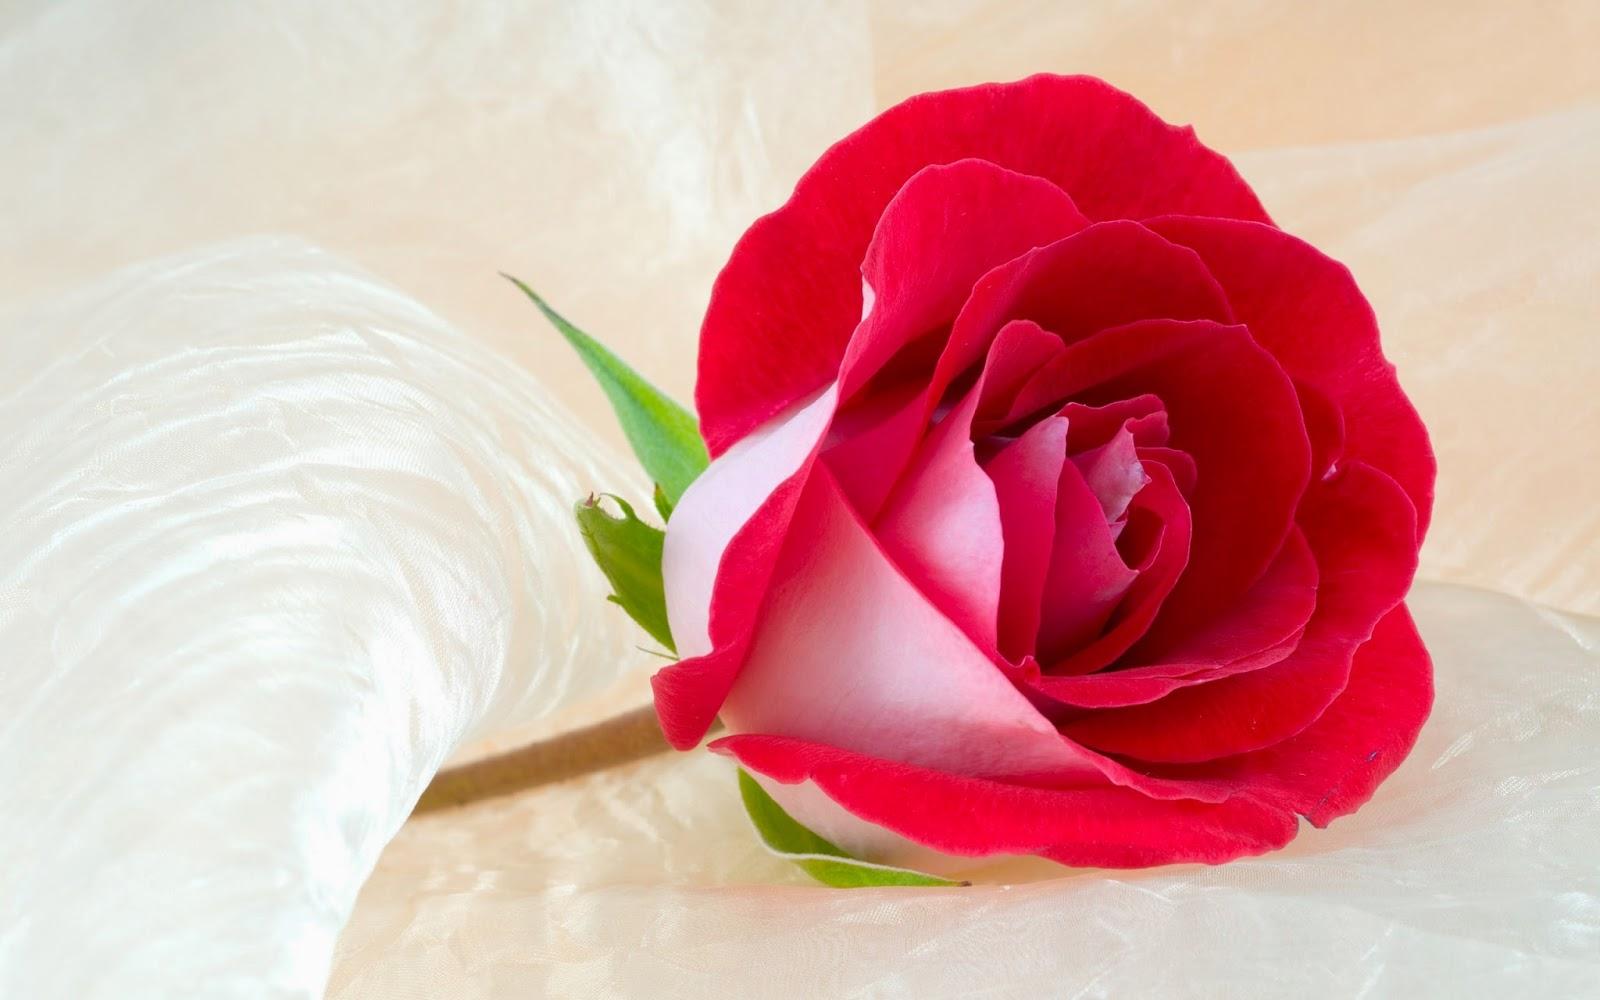 بالصور خلفيات ورود , اجمل صور خلفيات الورود 1072 9